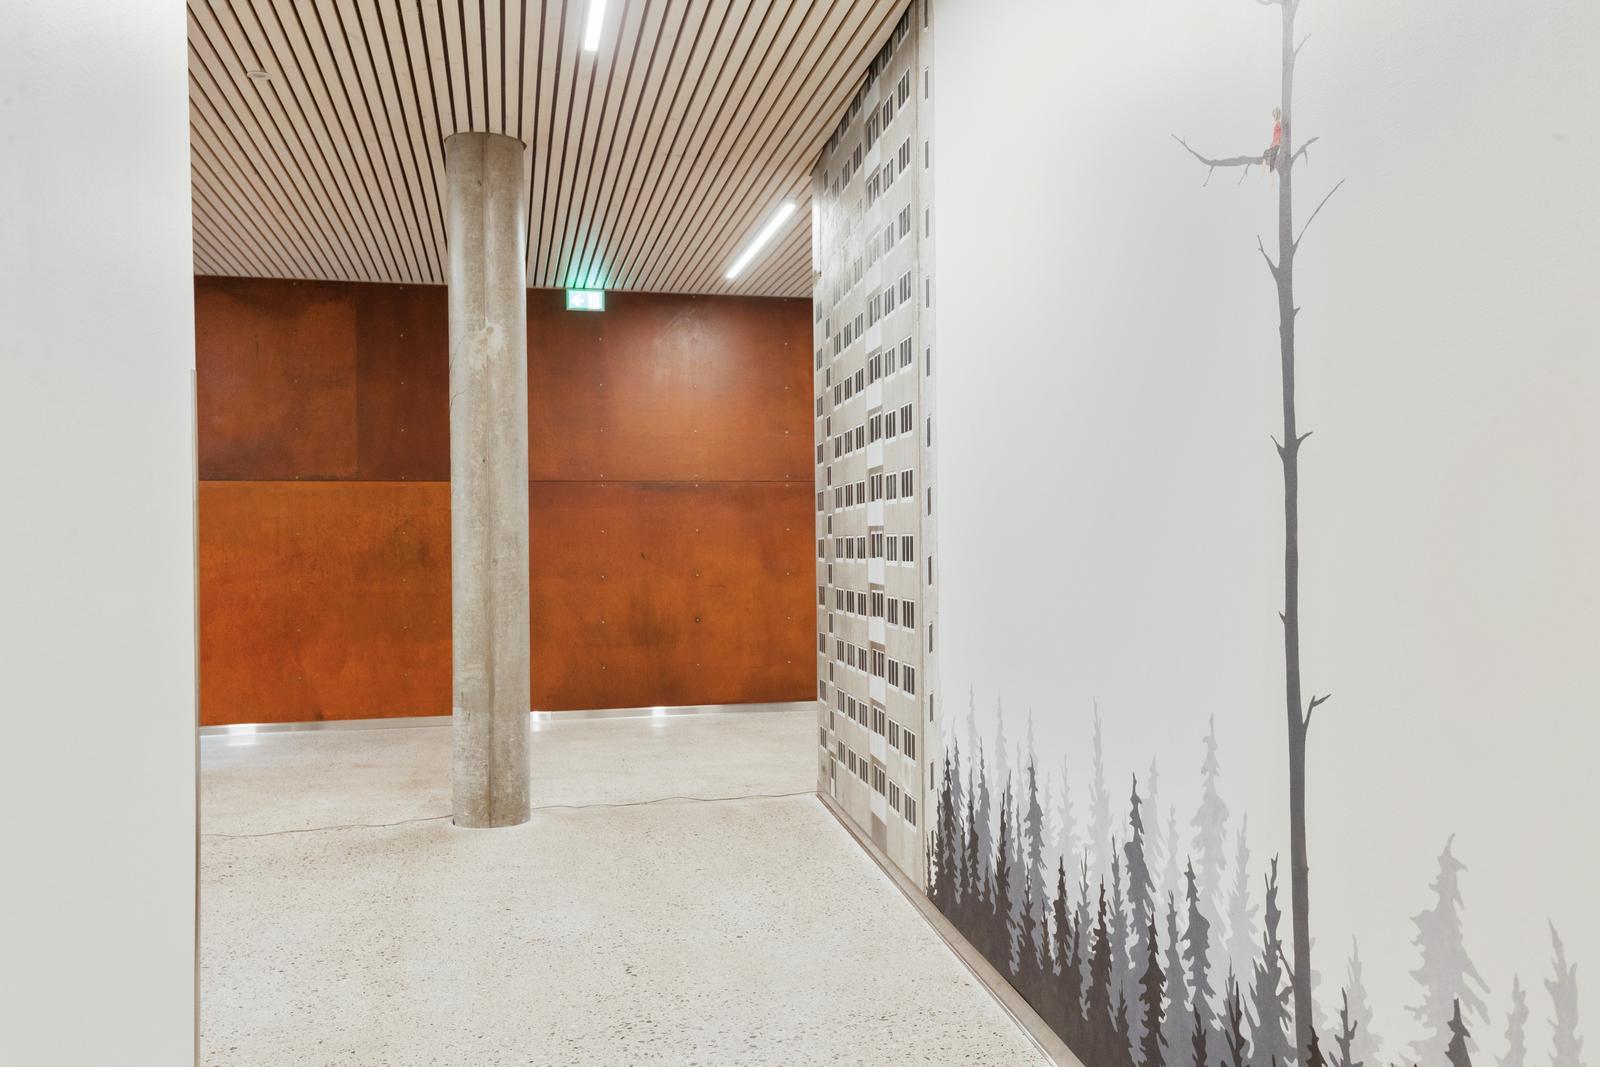 Belysning i gang hos Helse Bergen Distriktspsykiatriske senter